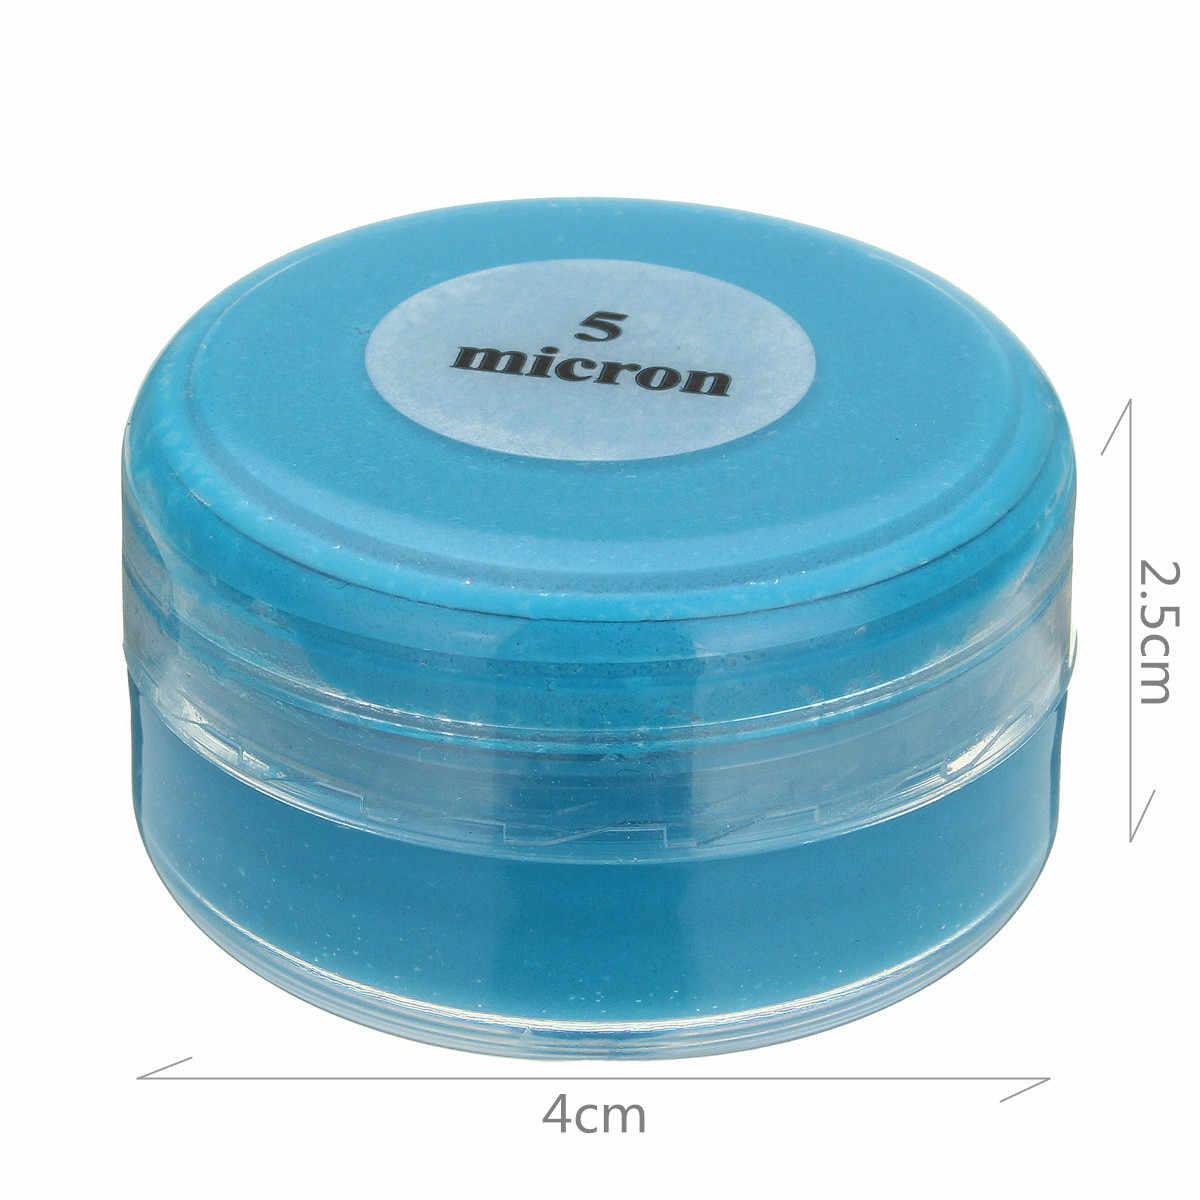 20 g/caja 5 micrones diamante pulido pasta compuesto Metal pulido herramientas abrasivas Esmeralda ágata cristal